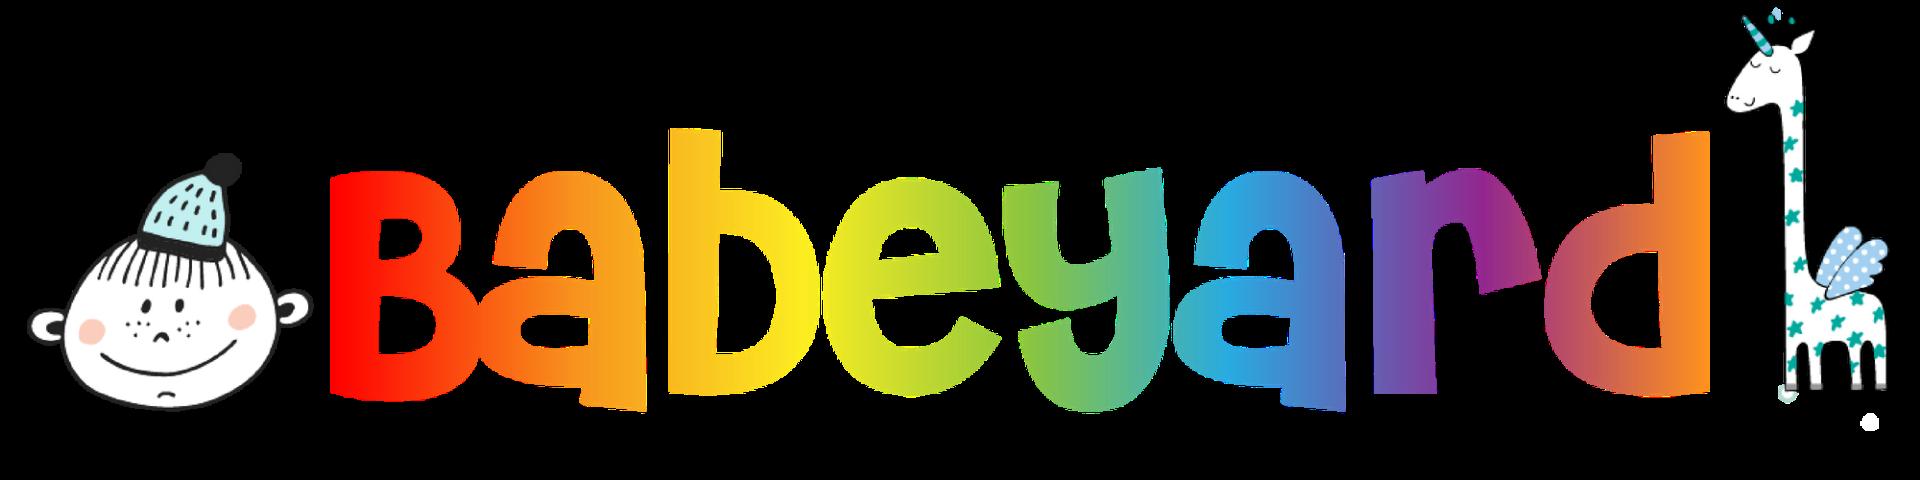 Babeyard